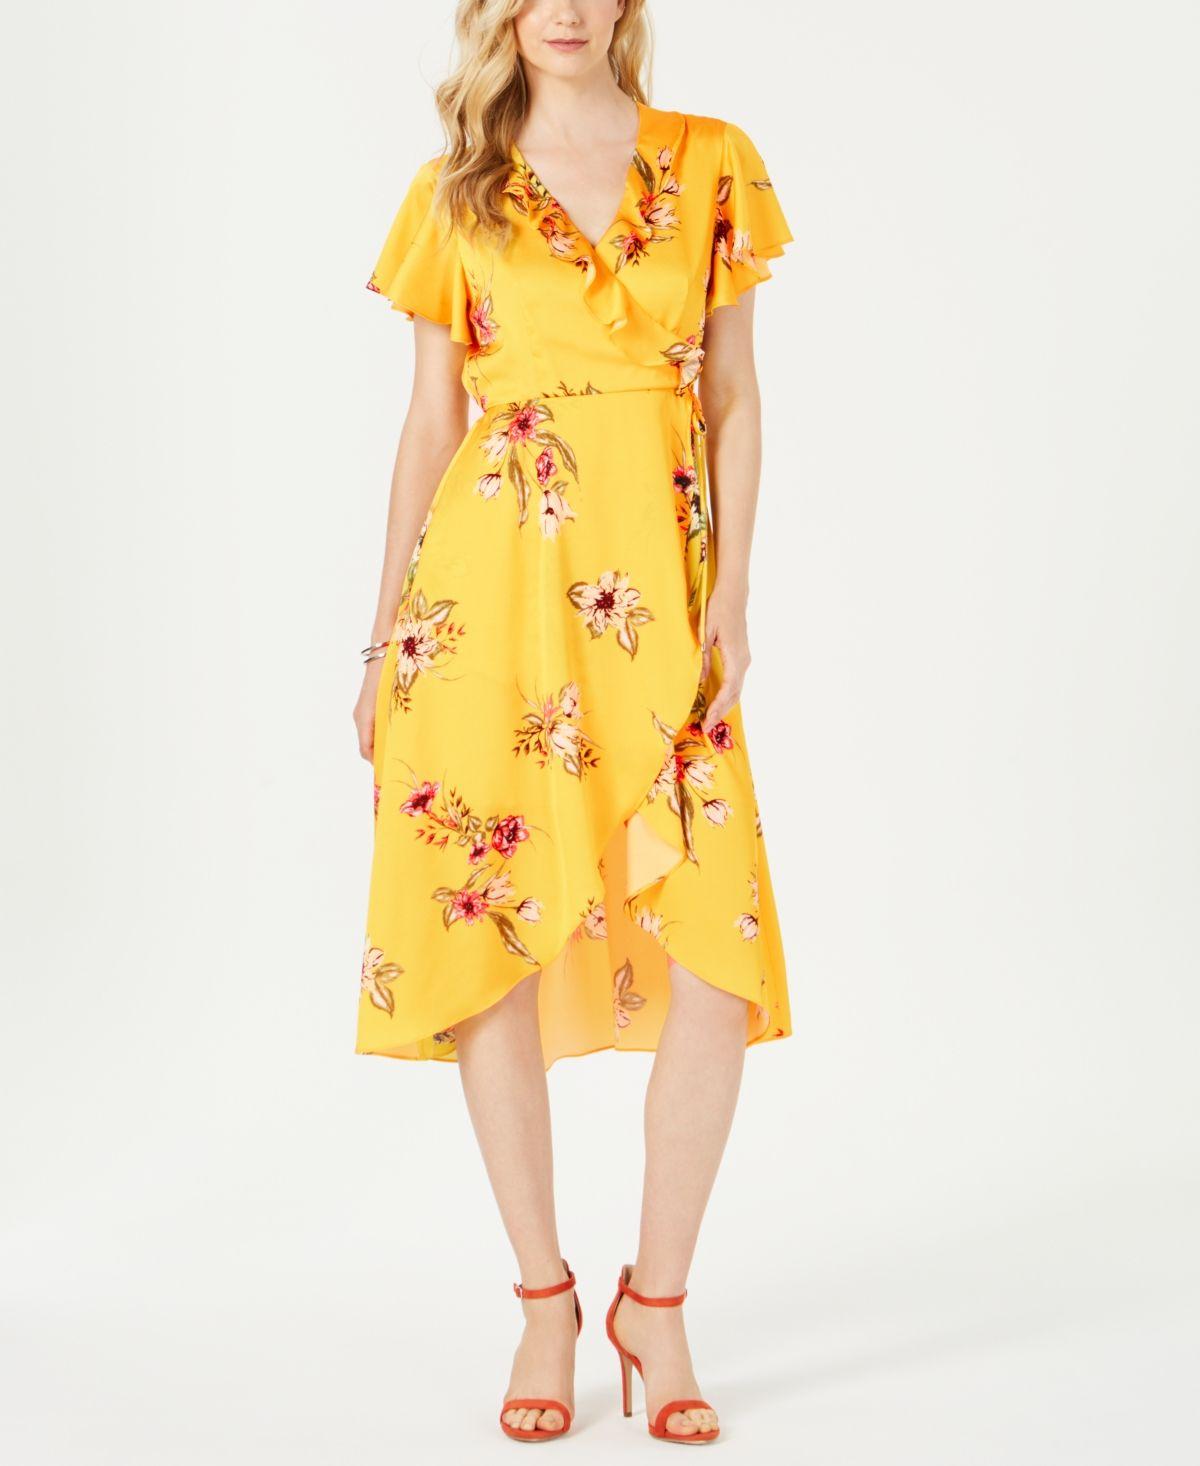 Julia Jordan Printed Faux Wrap Dress Yellow Review Dresses Wrap Dress Yellow Dress